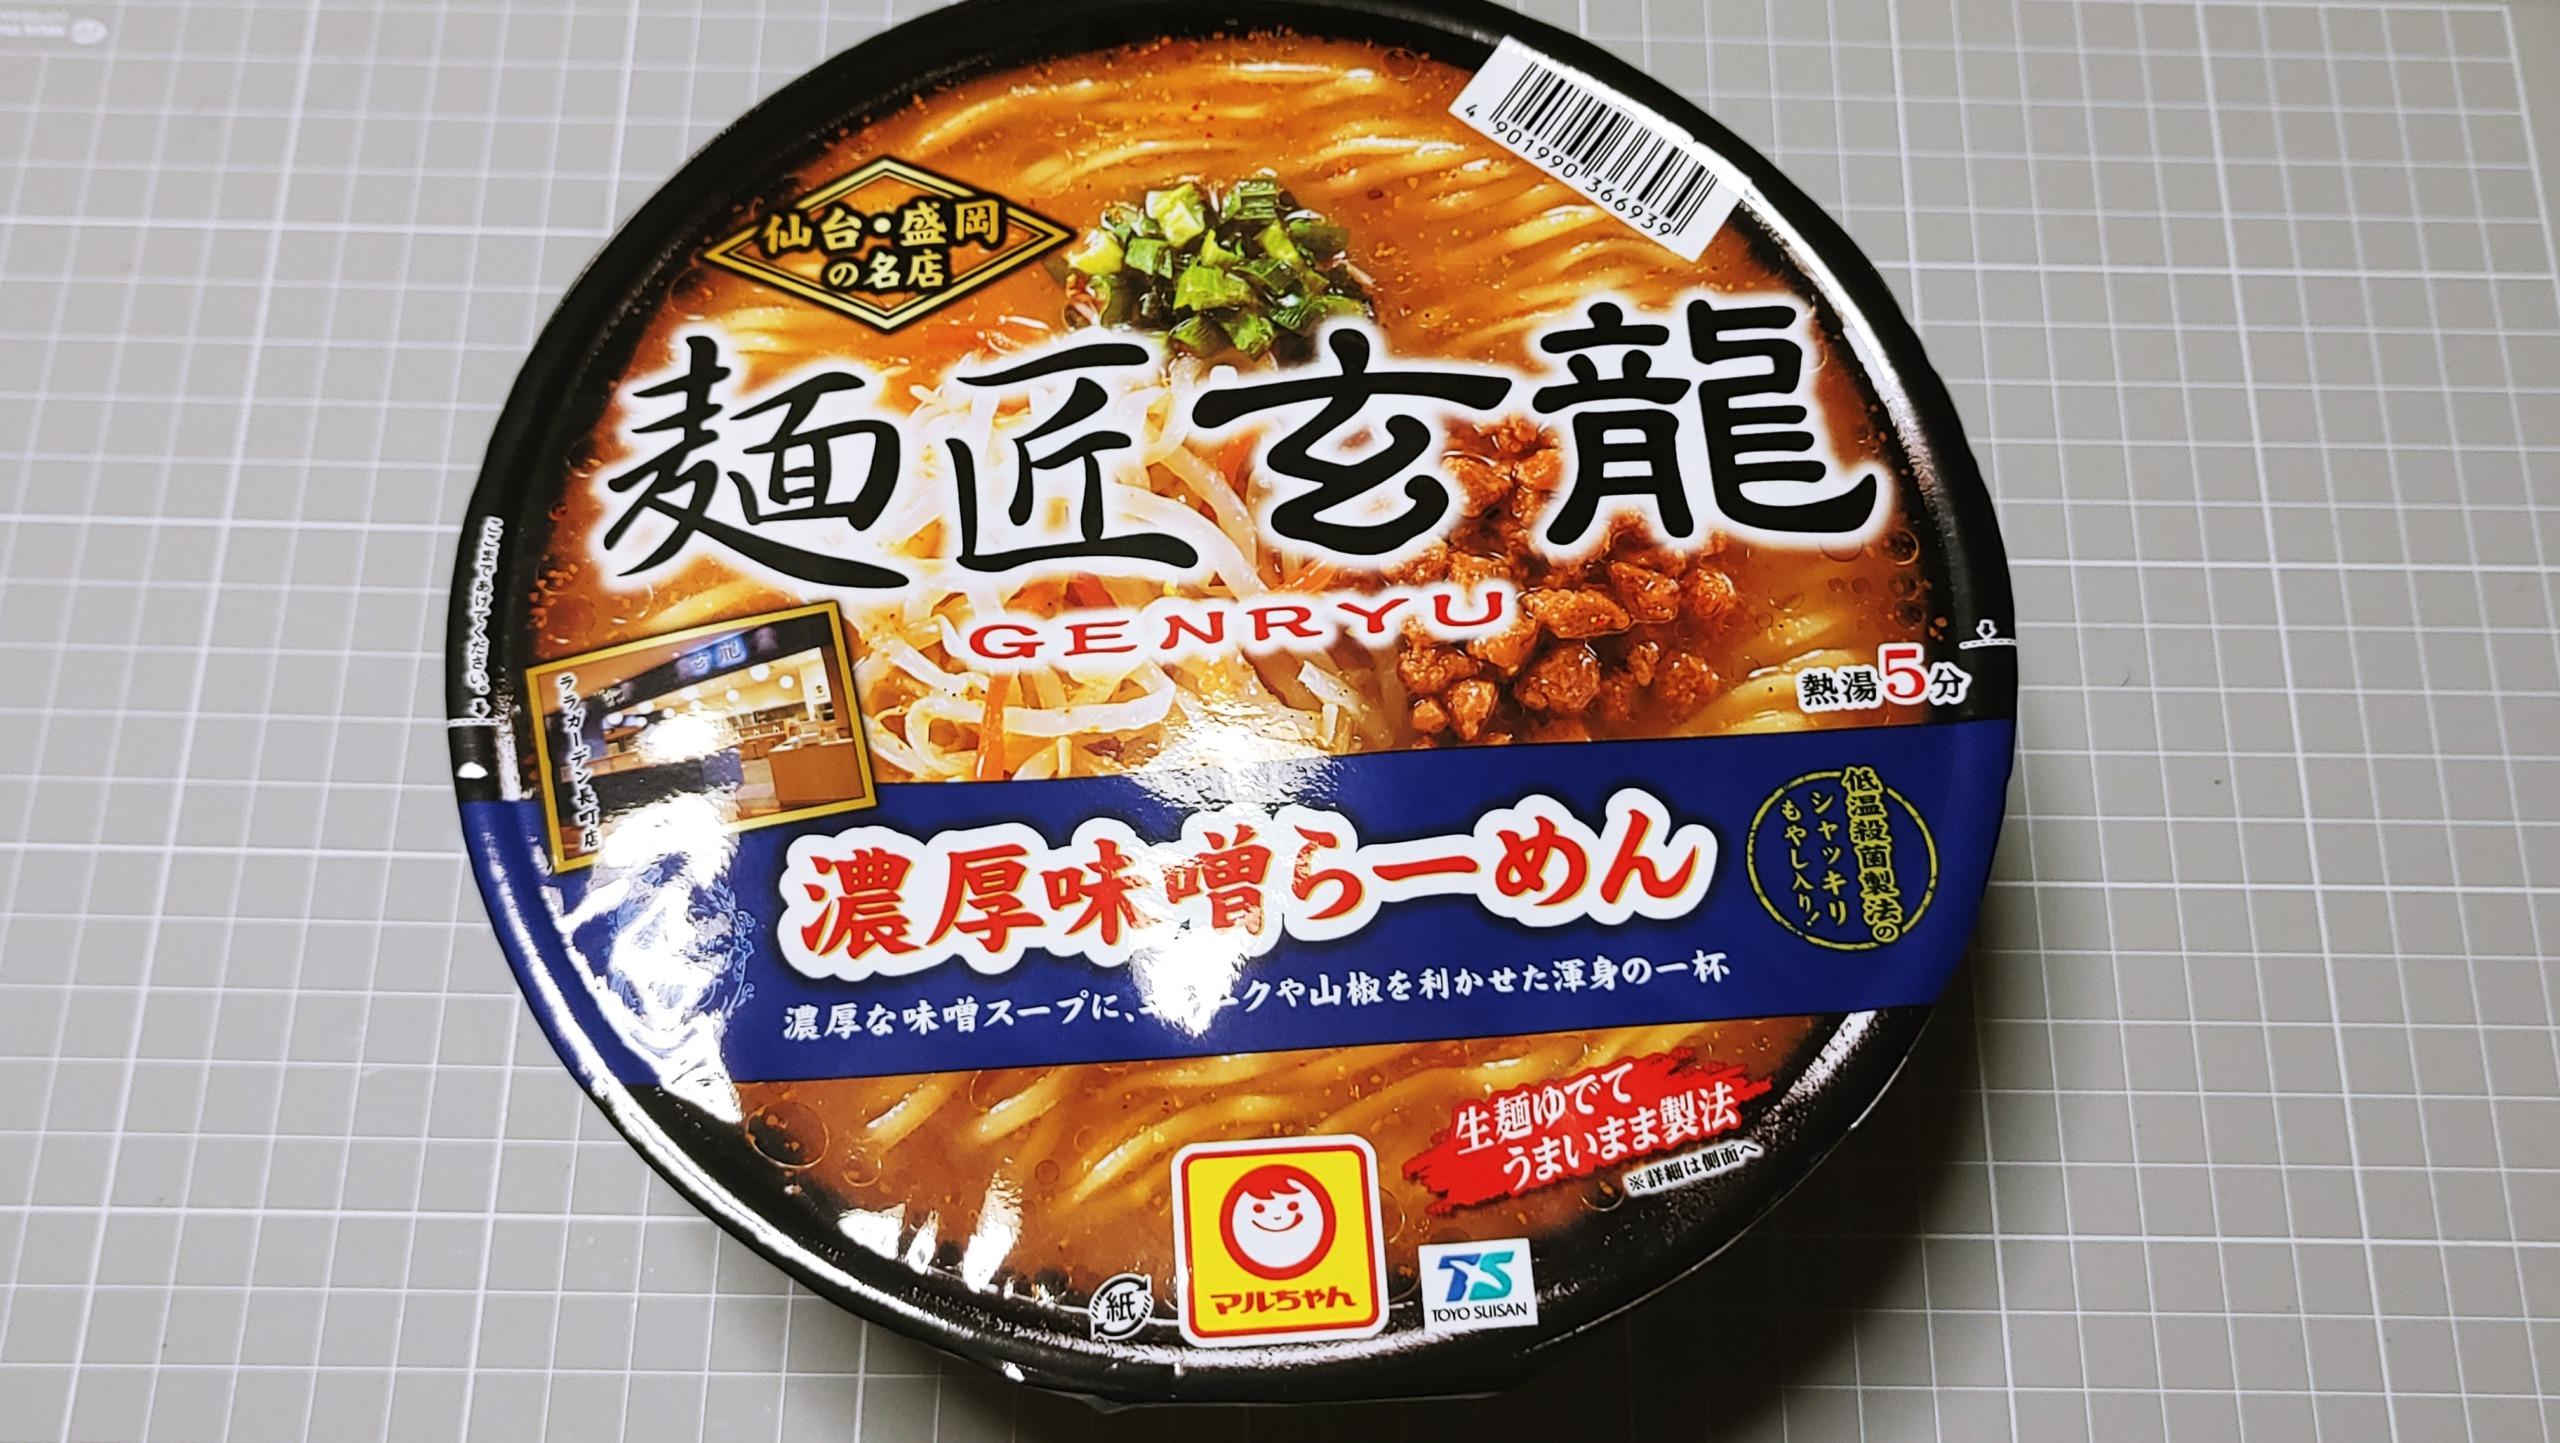 ローソン 麺匠玄龍 濃厚味噌ラーメン